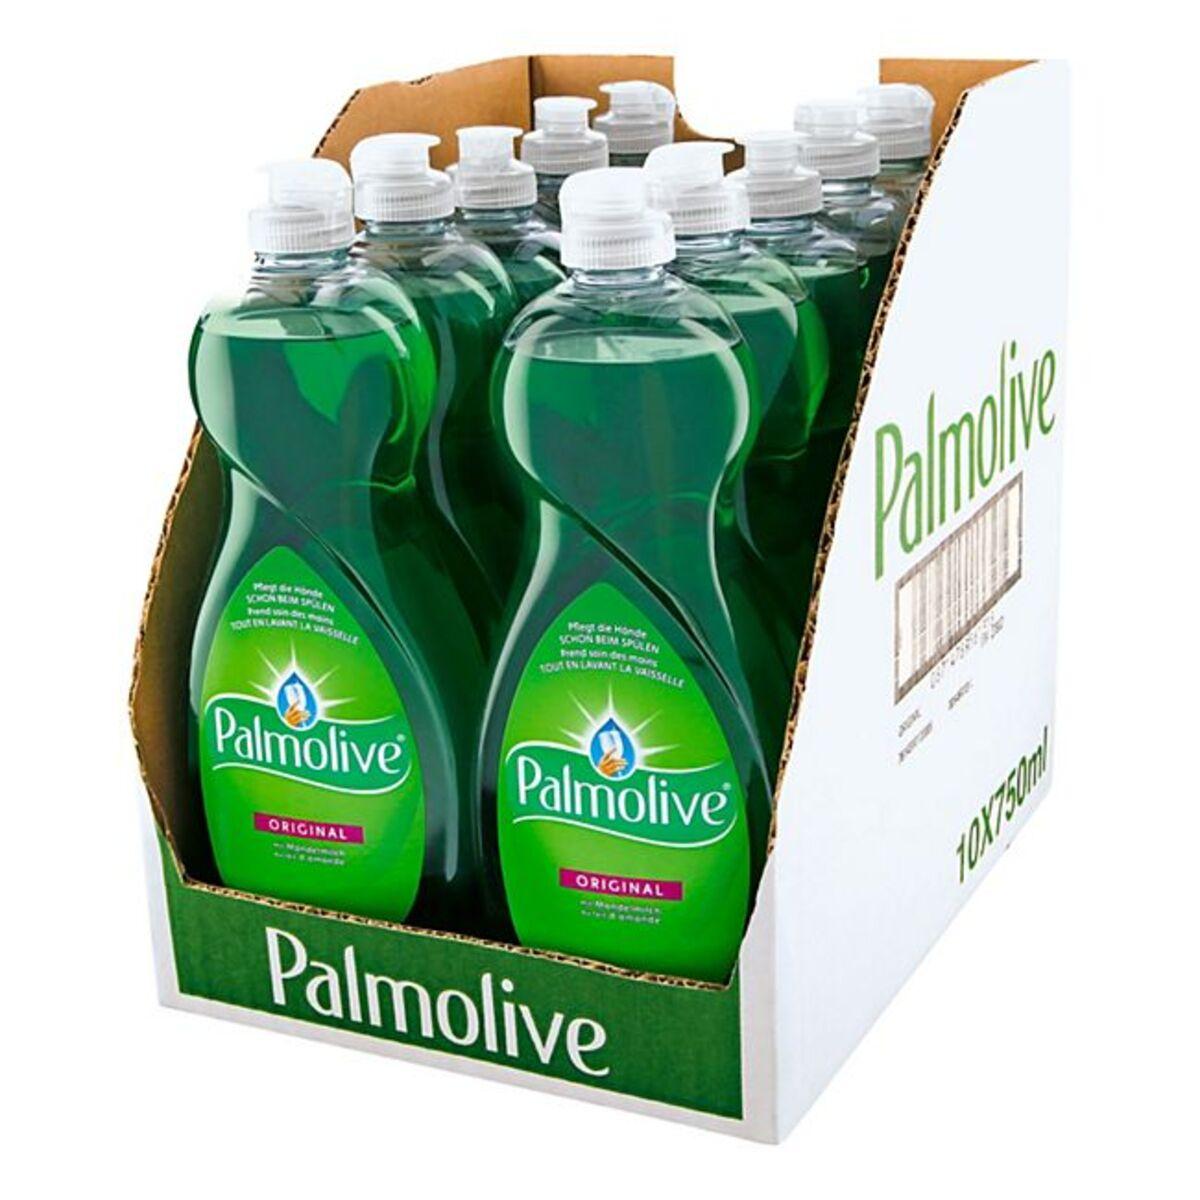 Bild 1 von Palmolive Spülmittel Original 750 ml, 10er Pack